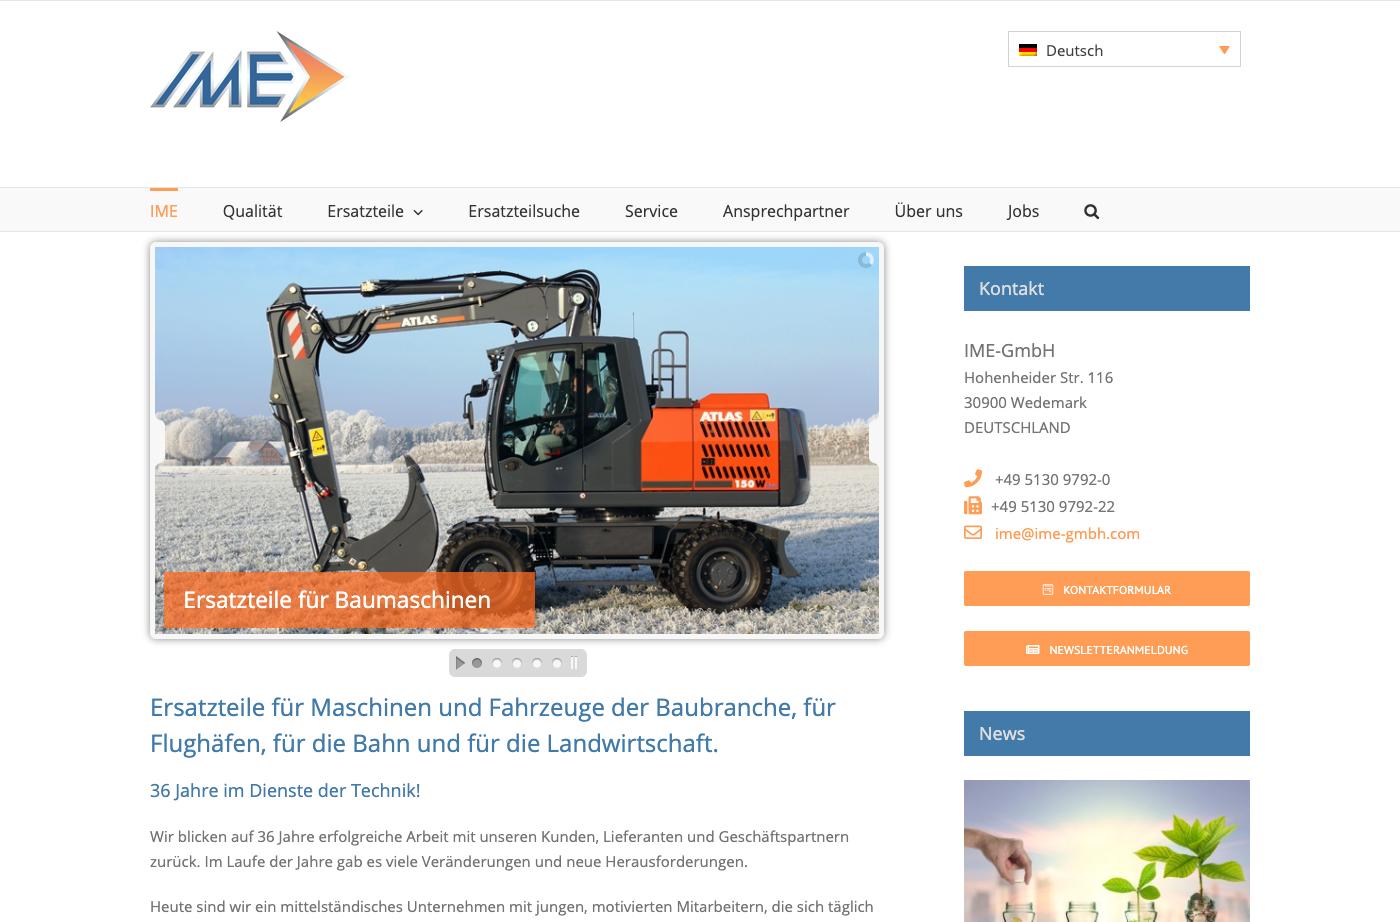 www.ime-gmbh.de